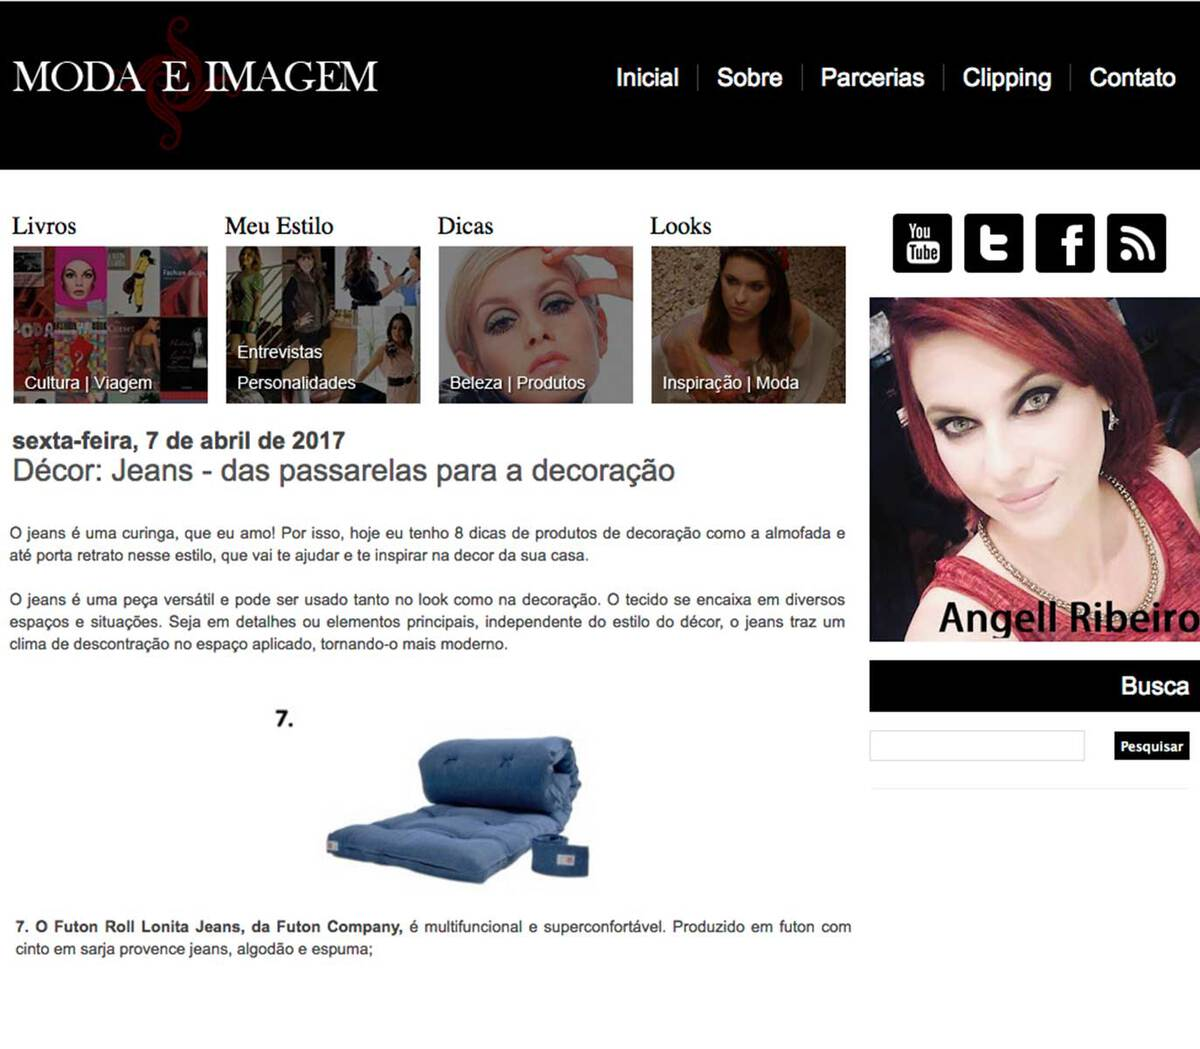 Site-moda-imagem-07-04-17